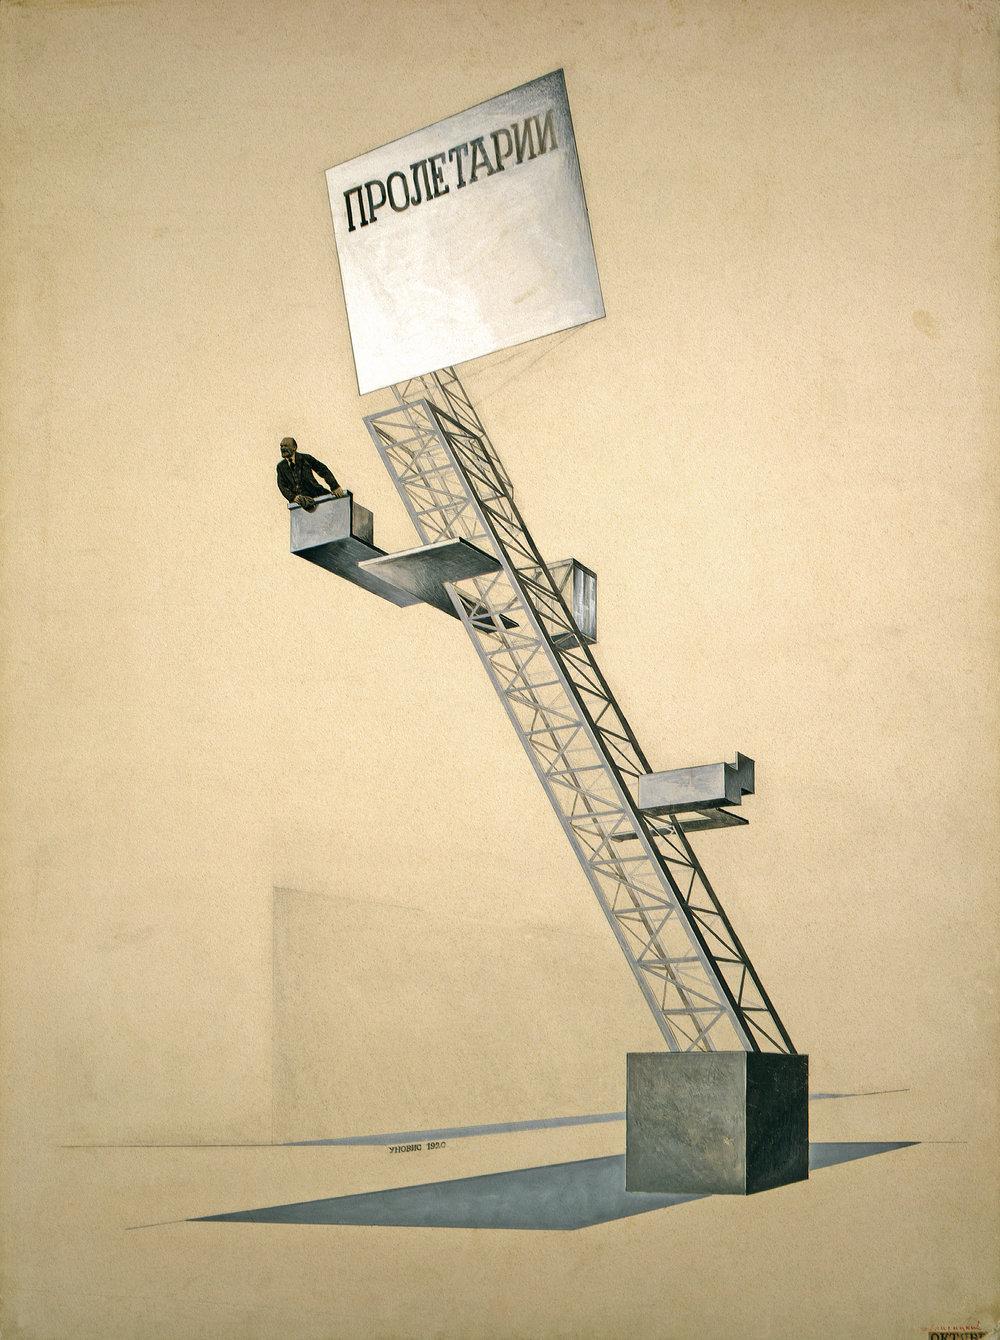 El_Lissitzky,_Lenin_Tribune,_1920._State_Tretyakov_Gallery,_Moscow.jpg